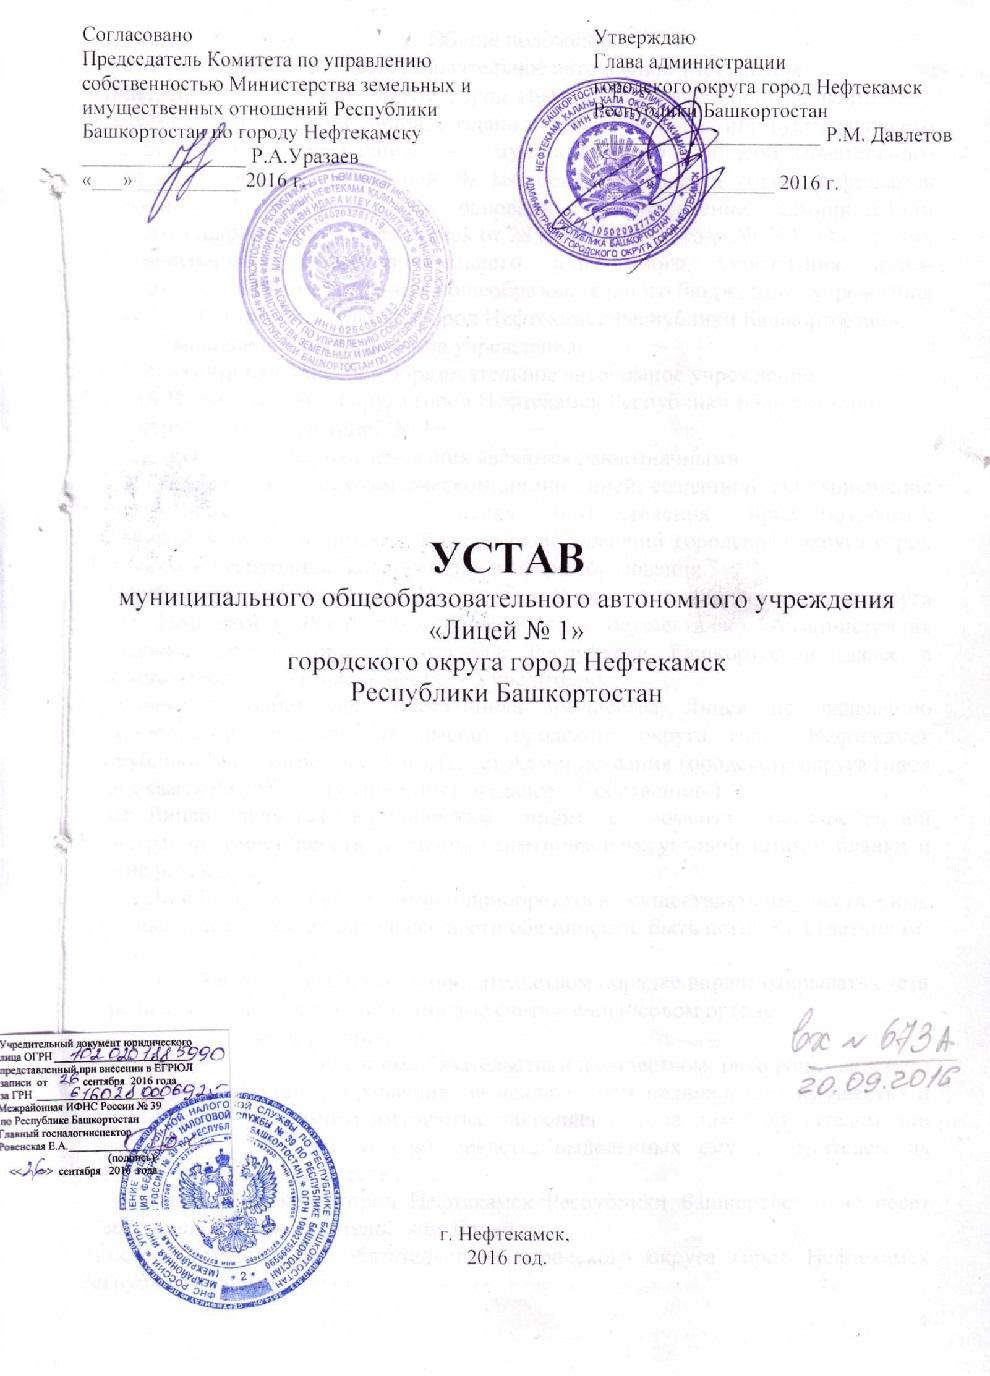 образец договора пожертвования медицинскому учреждению